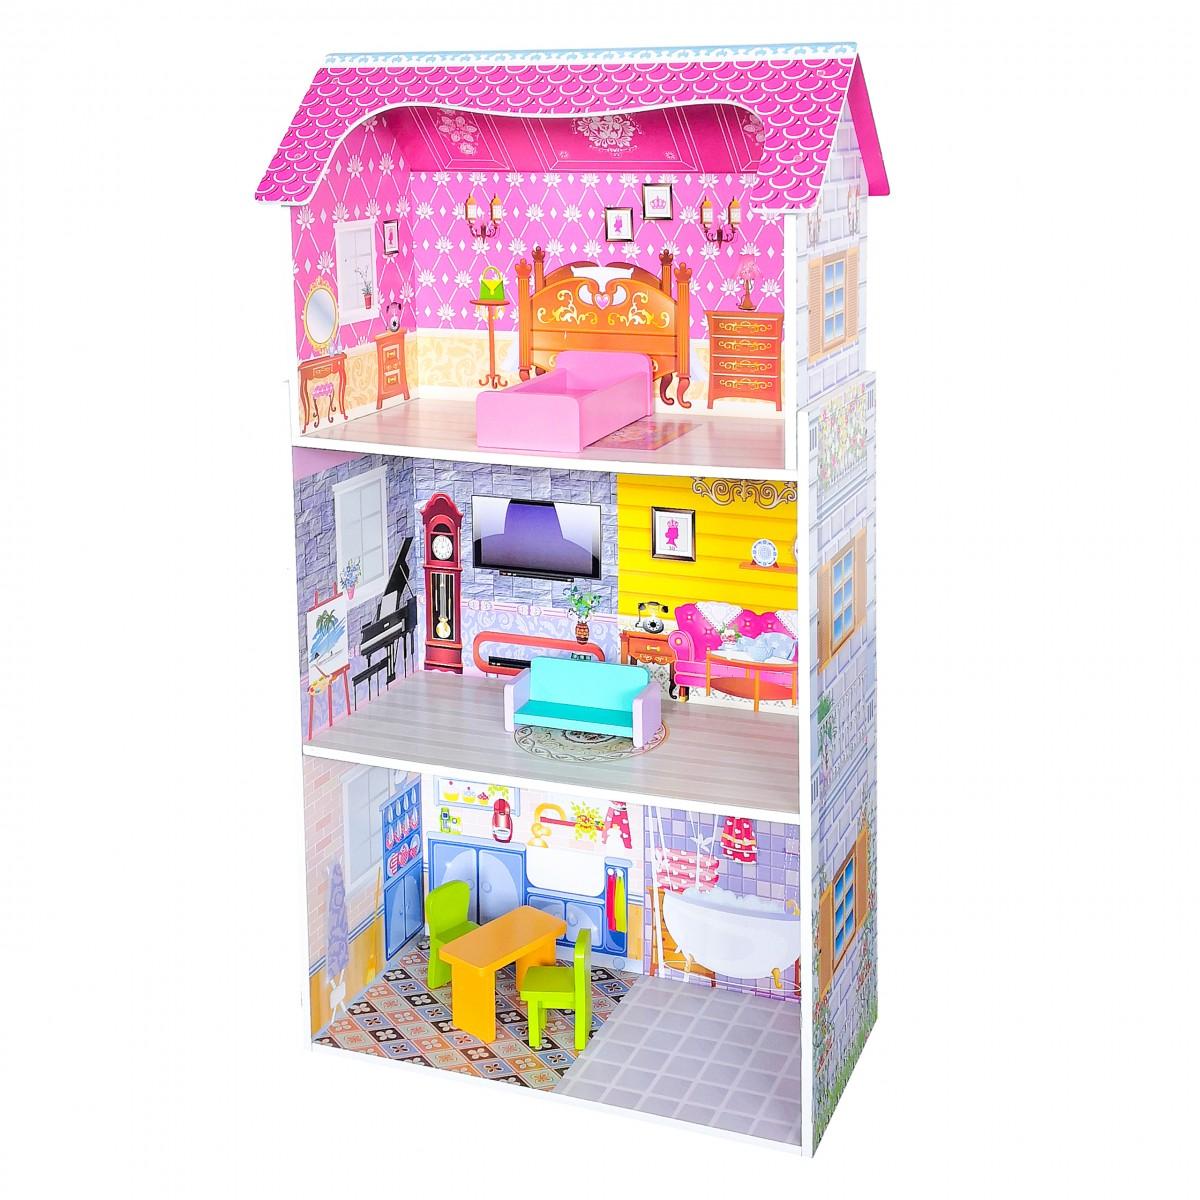 Drevený domček pre bábiky EcoToys Rosa ružový + nábytok